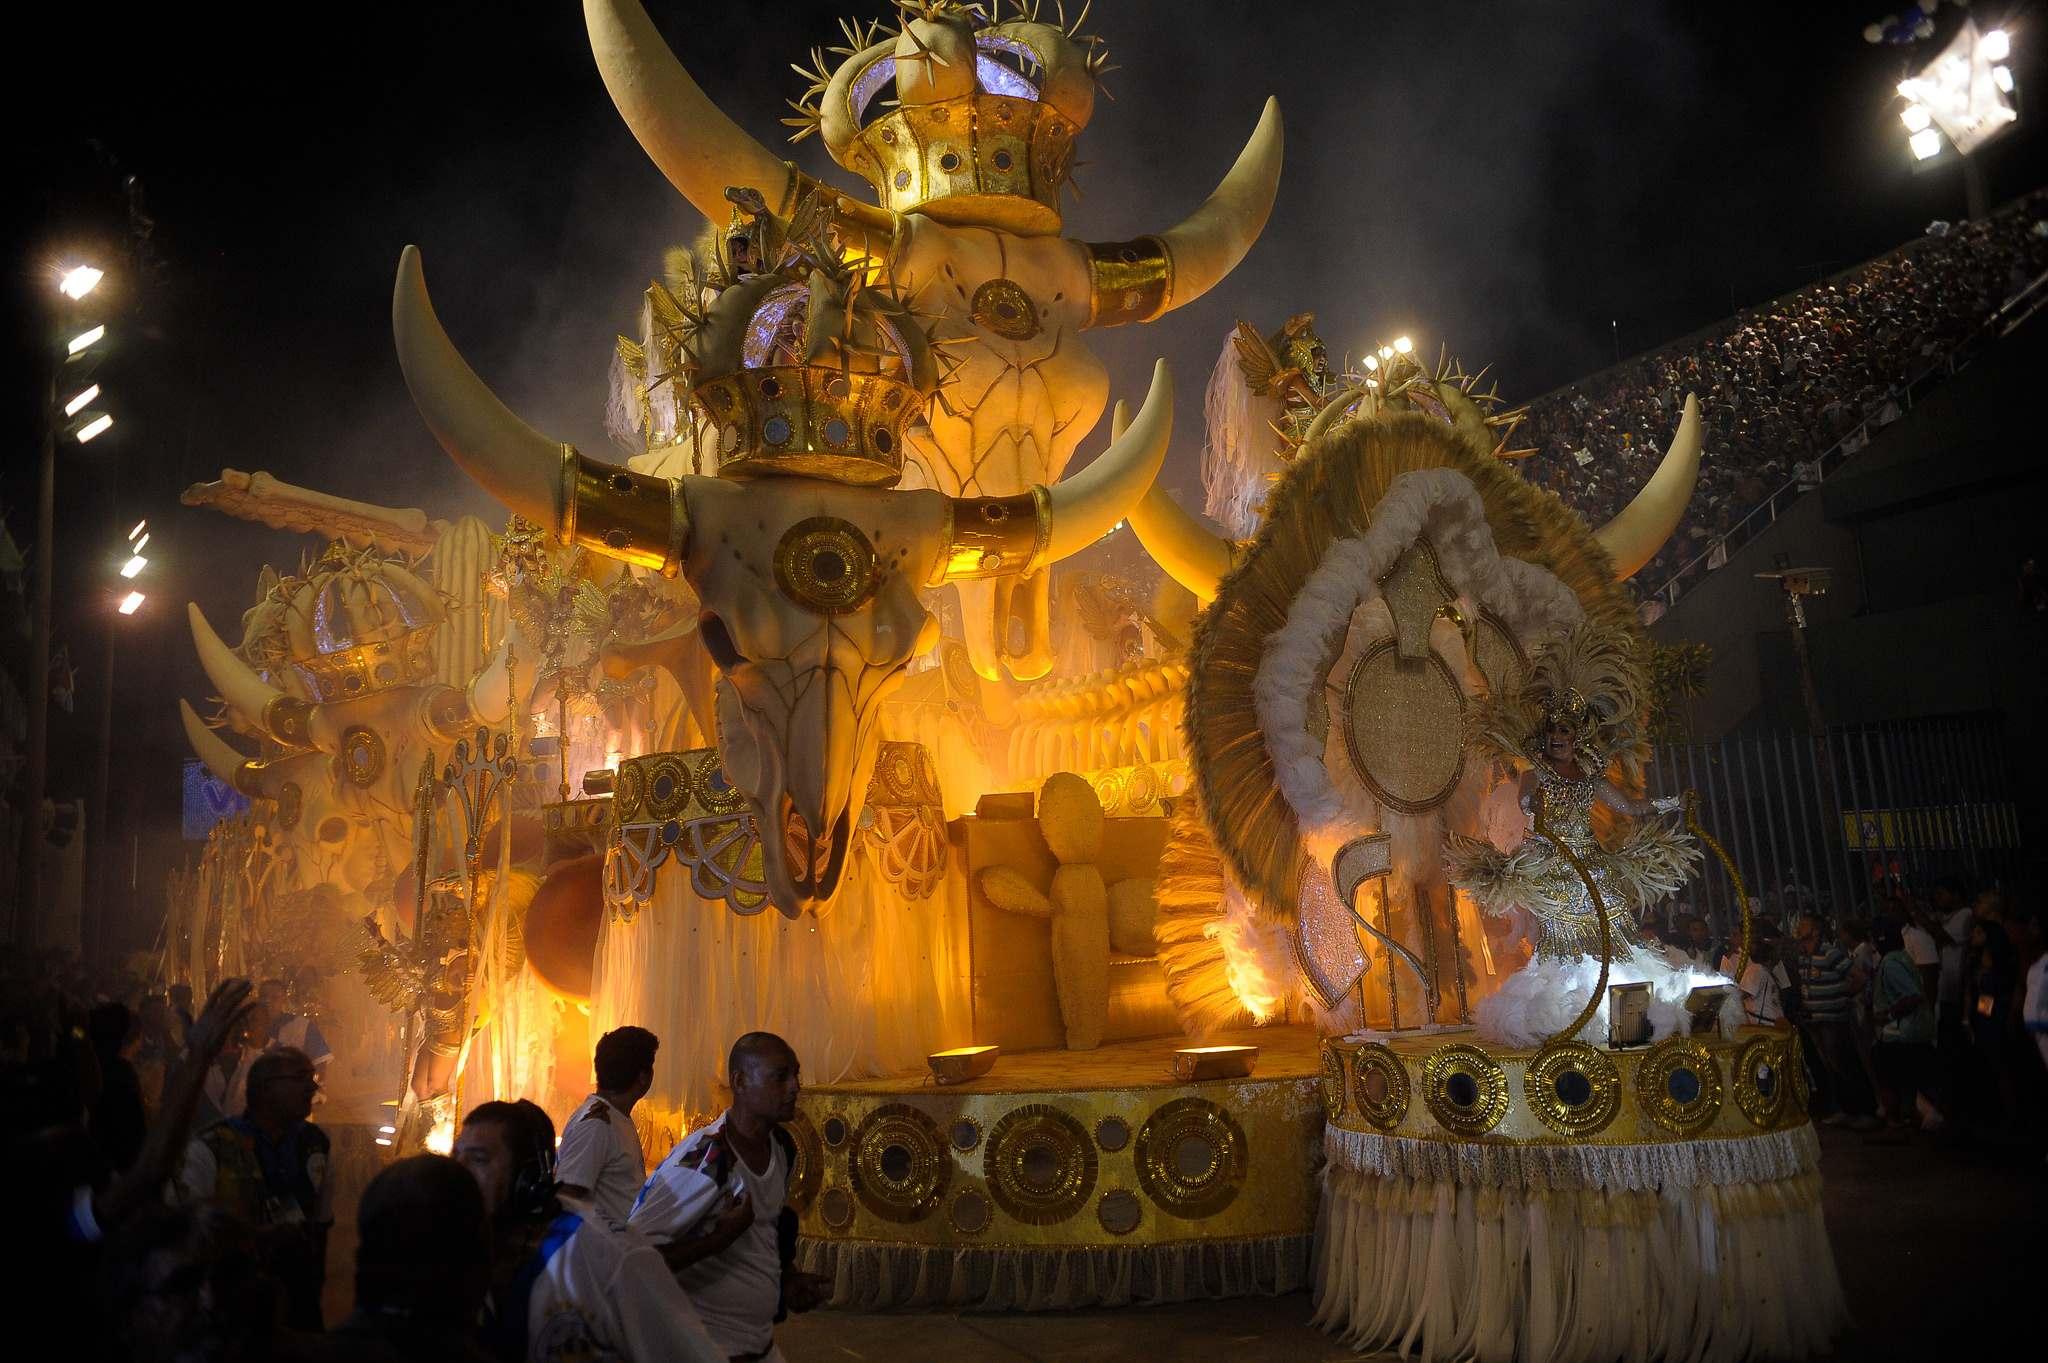 rio de janeiro 20167 Vila Isabel at Carnival in Rio de Janeiro